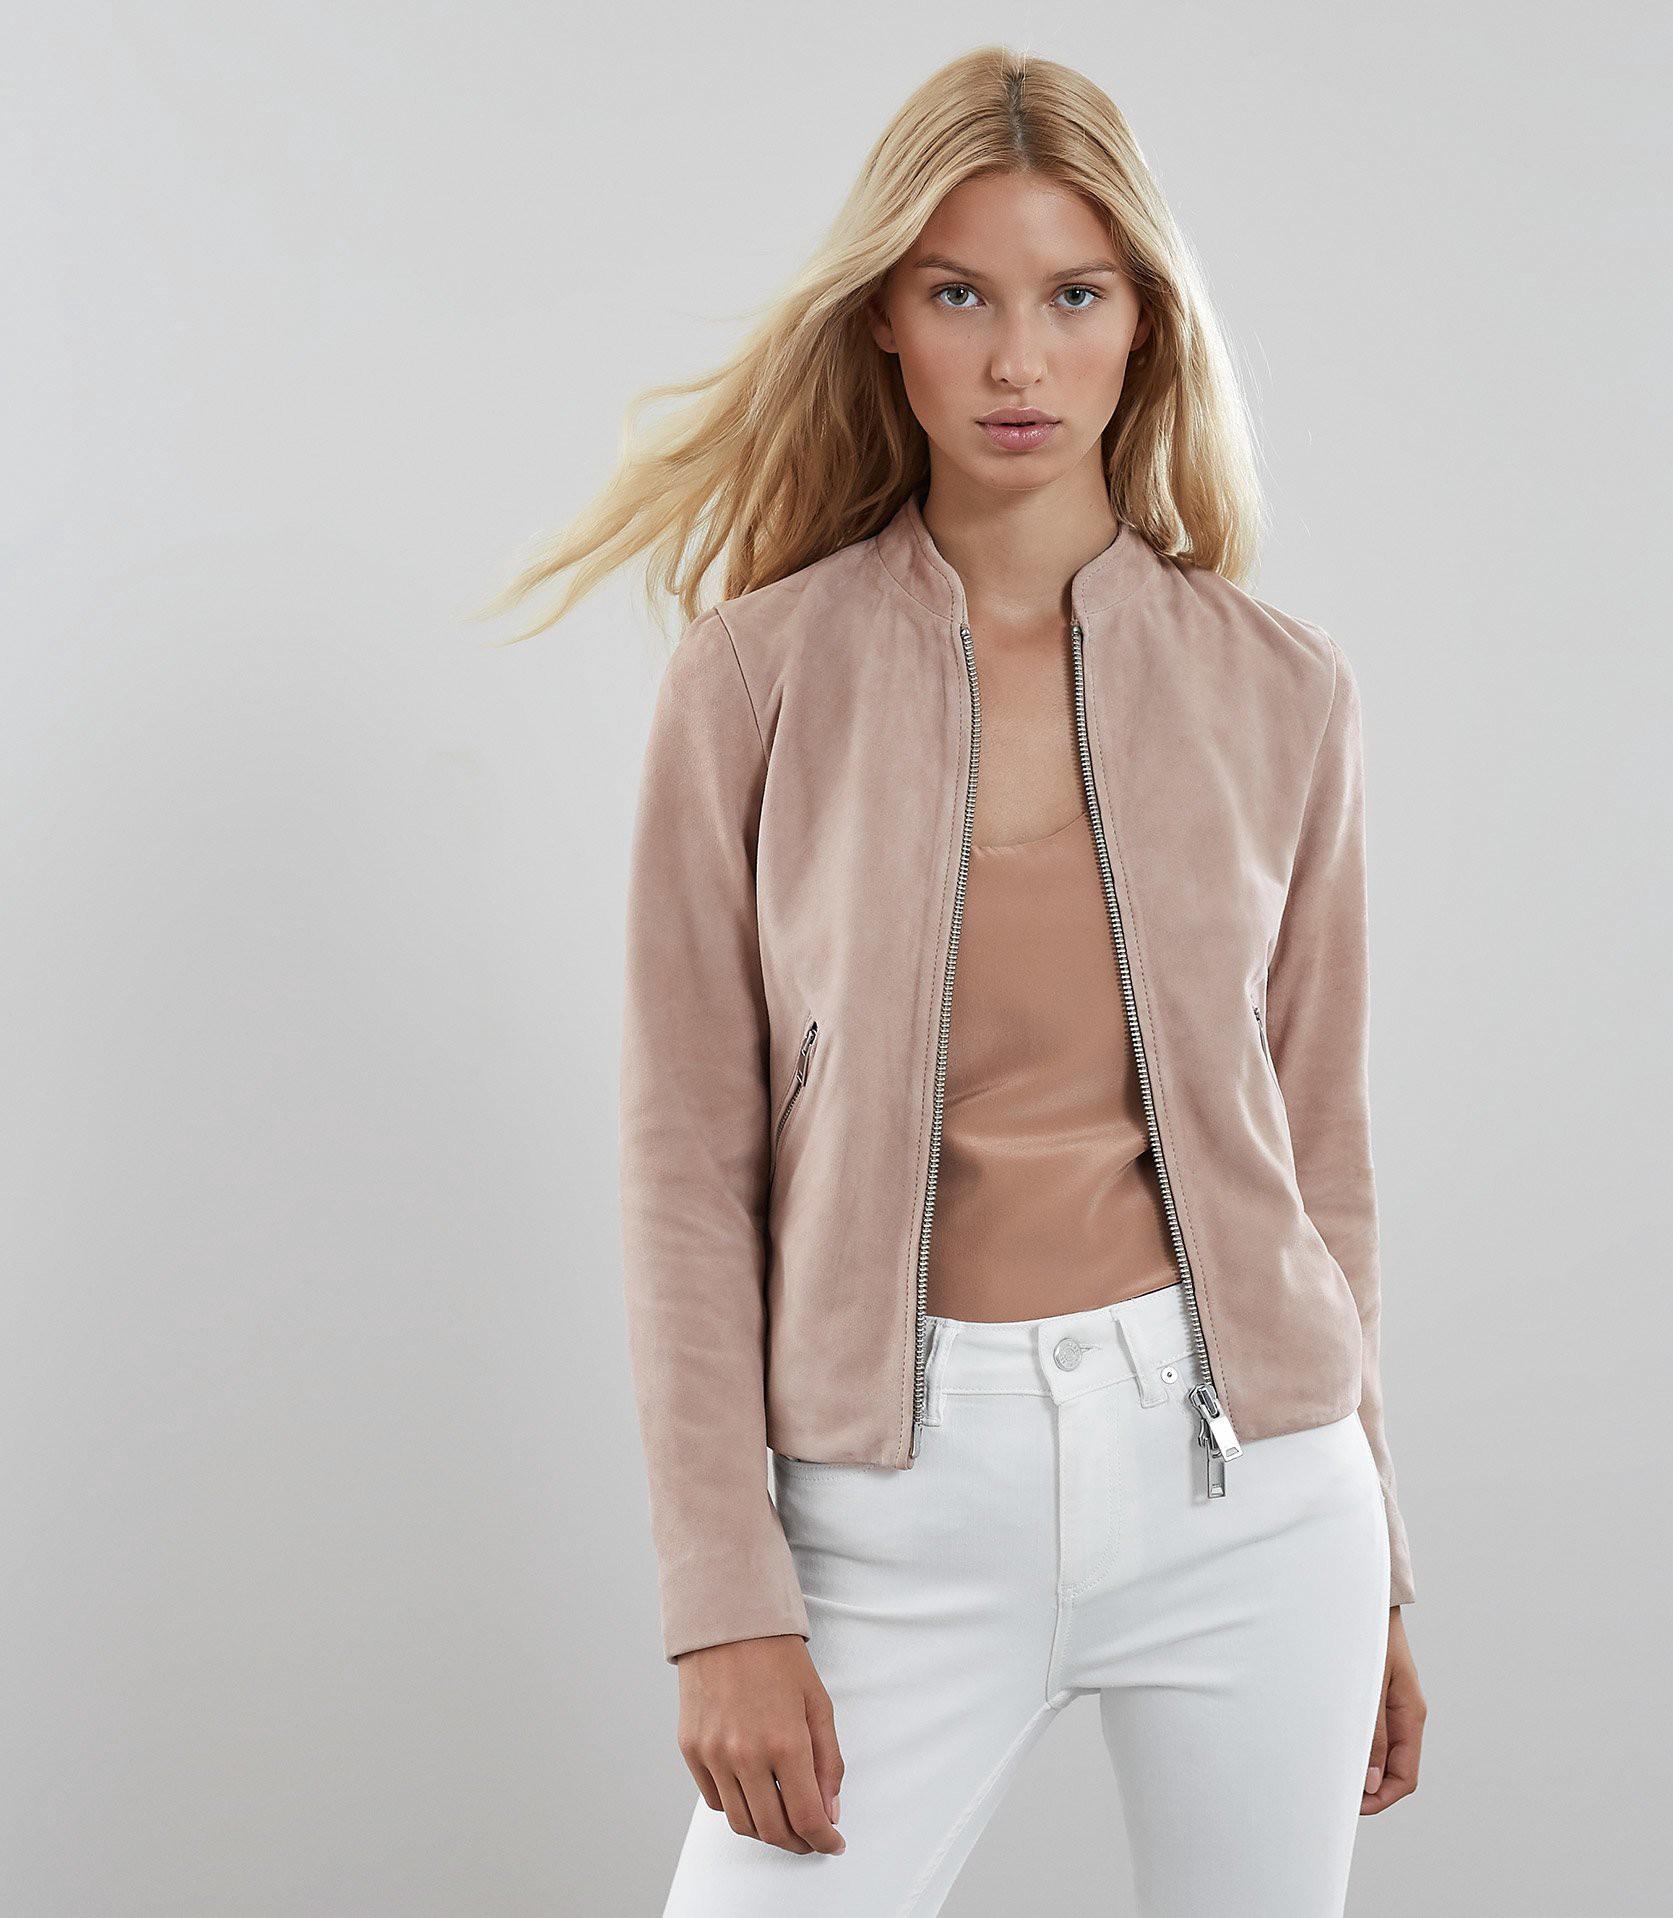 Reiss Aries Suede Jacket Neutral 2 Coats Jackets Women Suede Jacket Women Jackets [ 1918 x 1673 Pixel ]